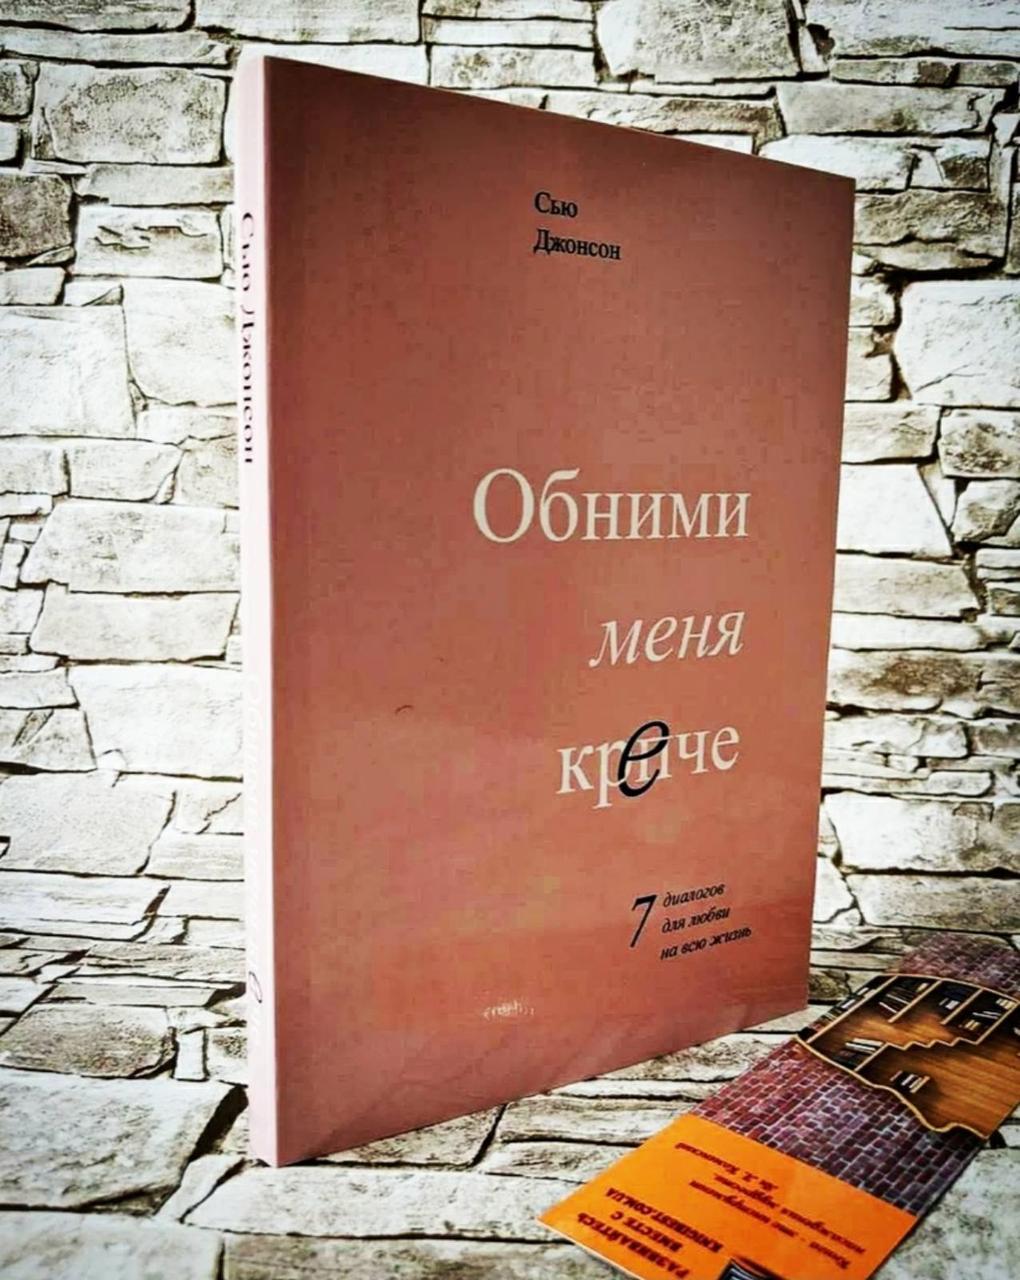 """Книга """"Обними меня крепче"""" 7 диалогов для любви на всю жизнь Сью Джонсон"""